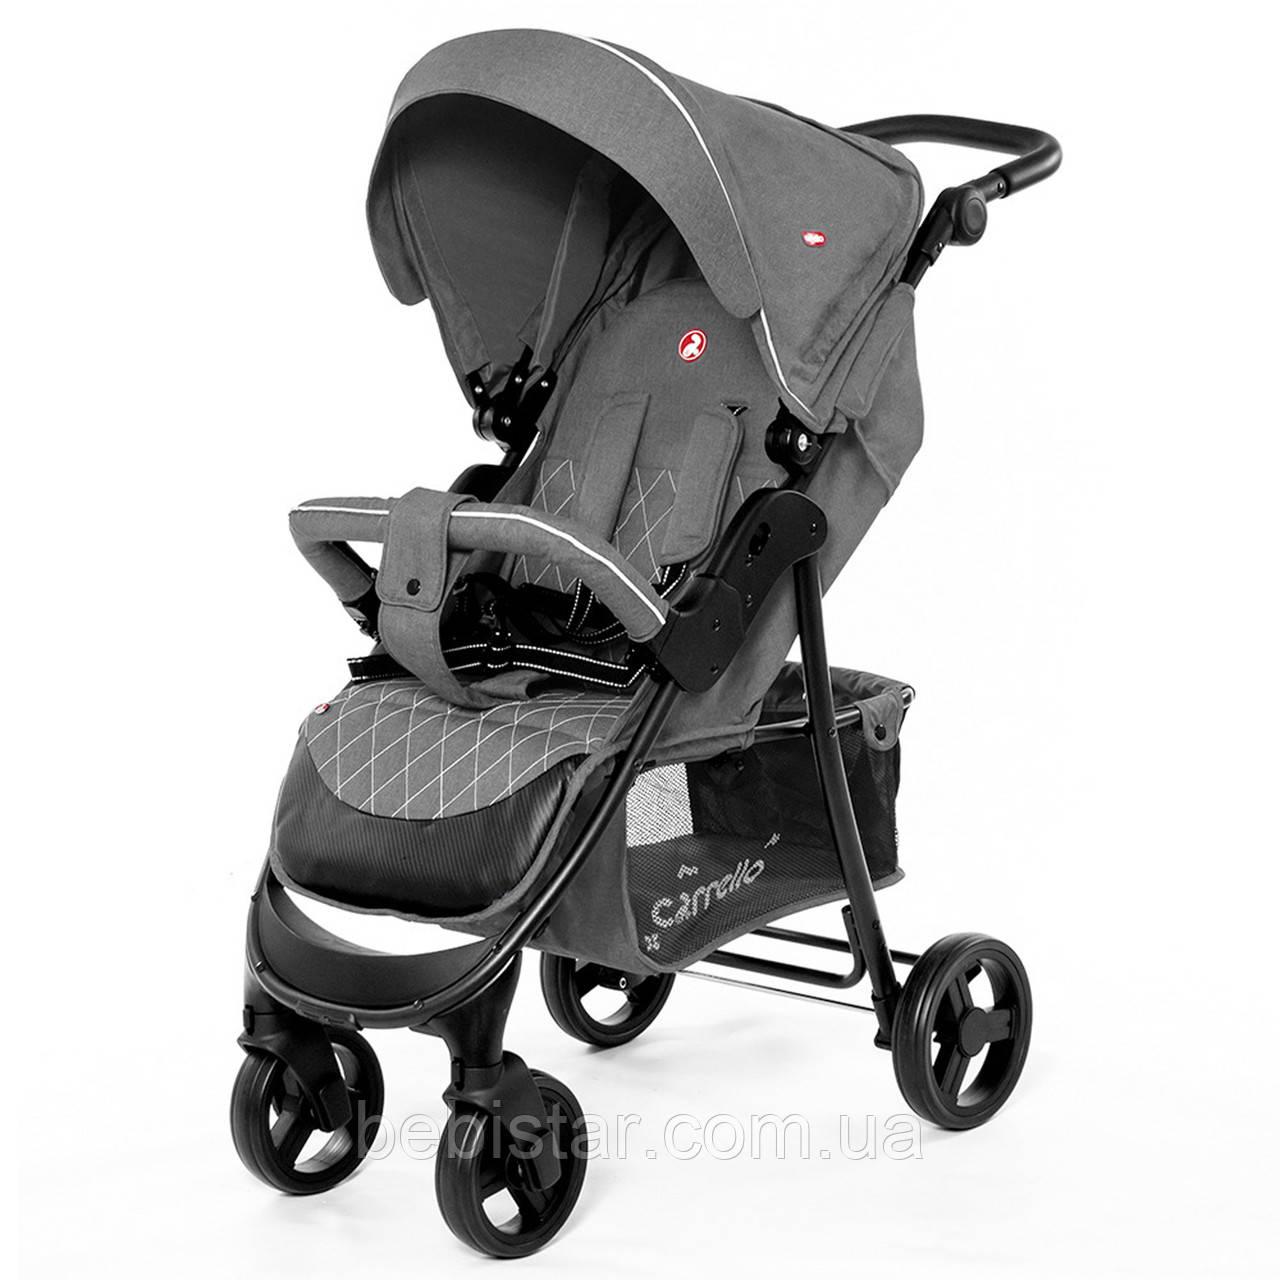 Детская прогулочная коляска с дождевиком серая, черная рама CARRELLO Quattro Len CRL-8502 Shark Grey в льне